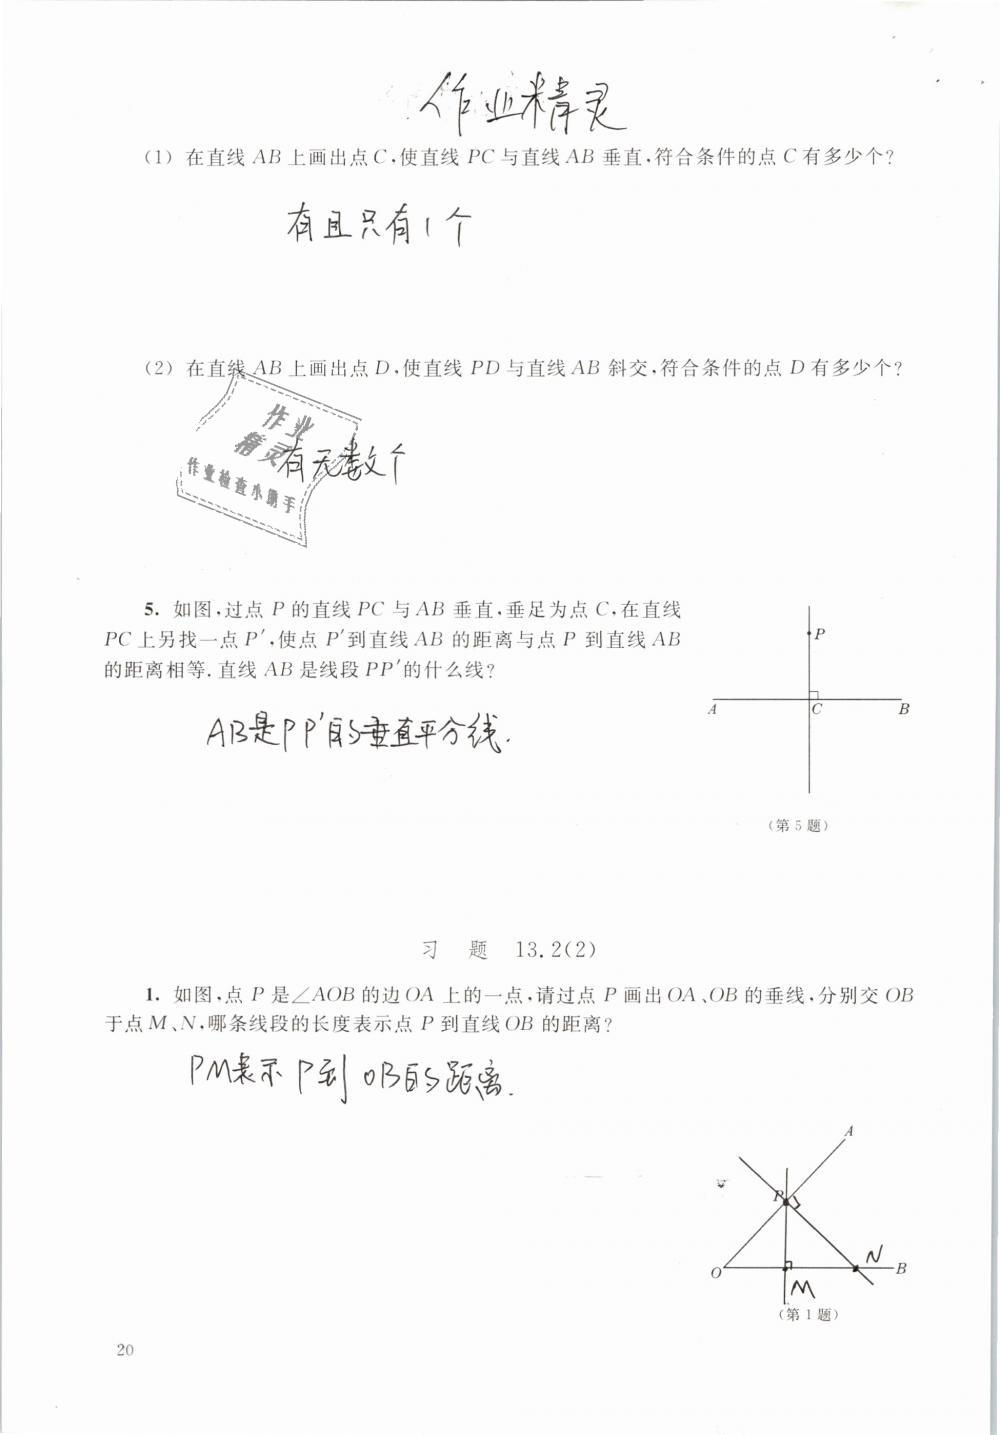 2019年数学练习部分七年级第二学期第20页